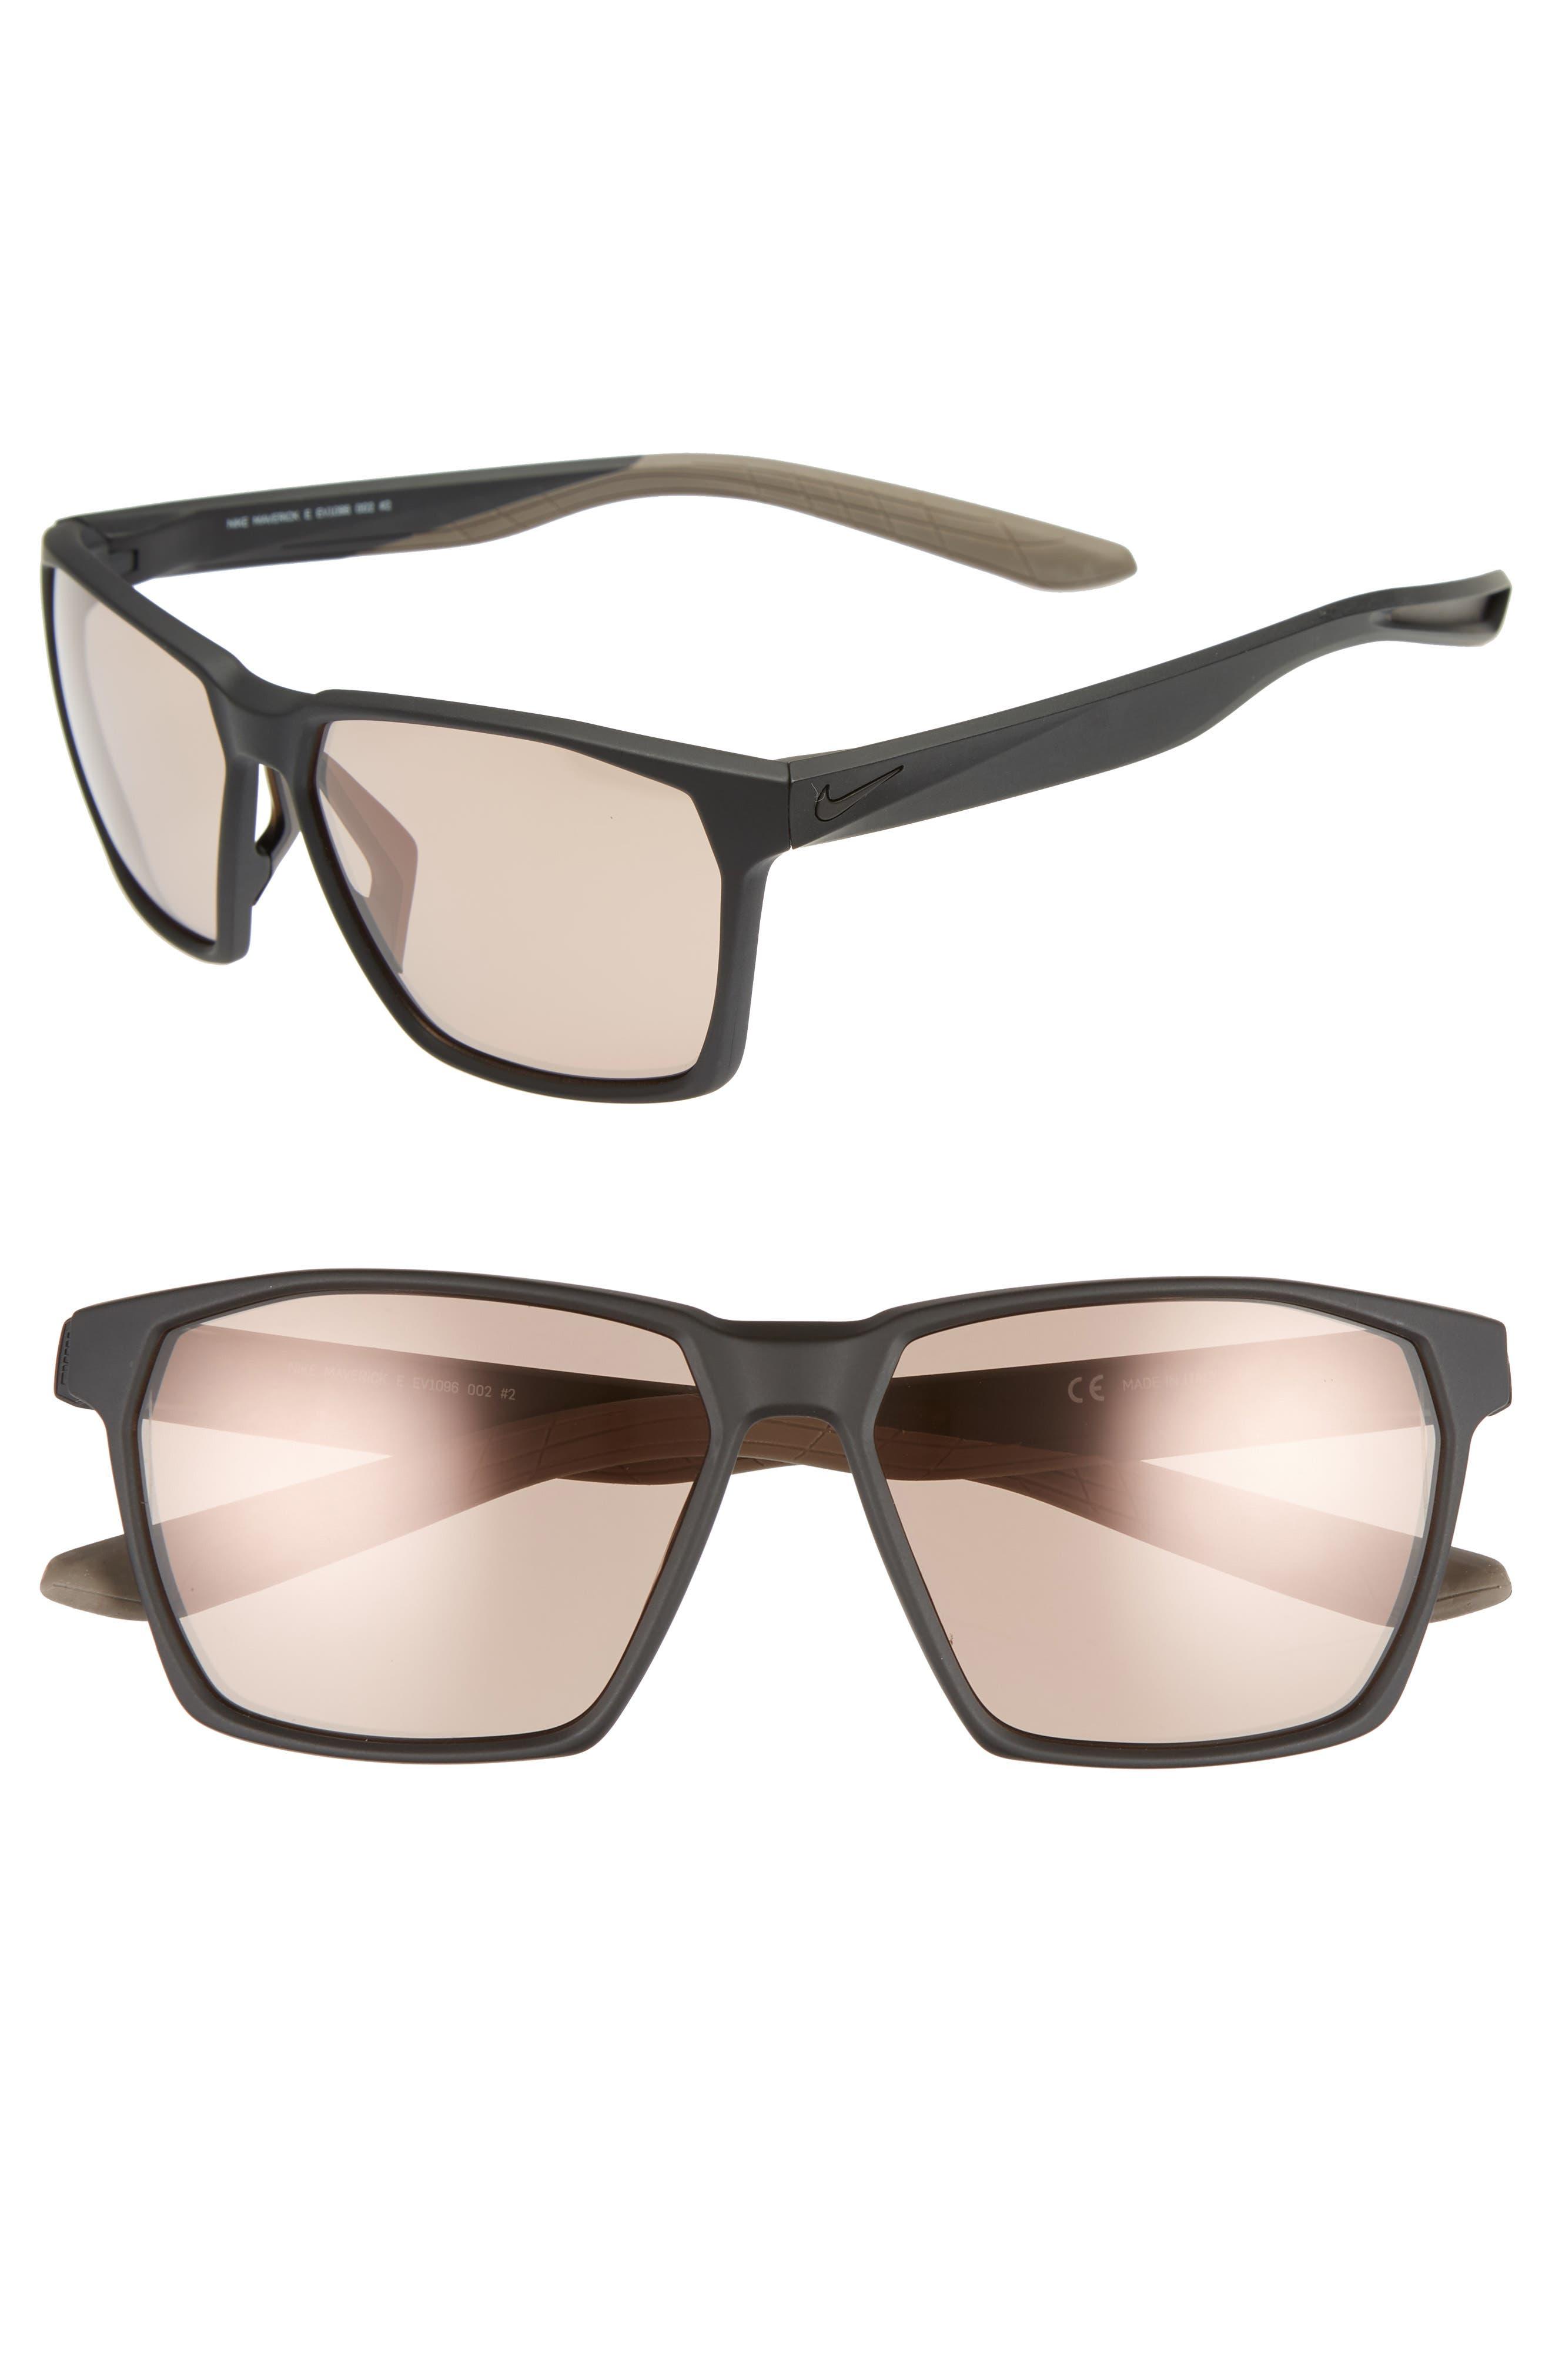 Nike Maverick 5m Sunglasses - Matte Black Electric